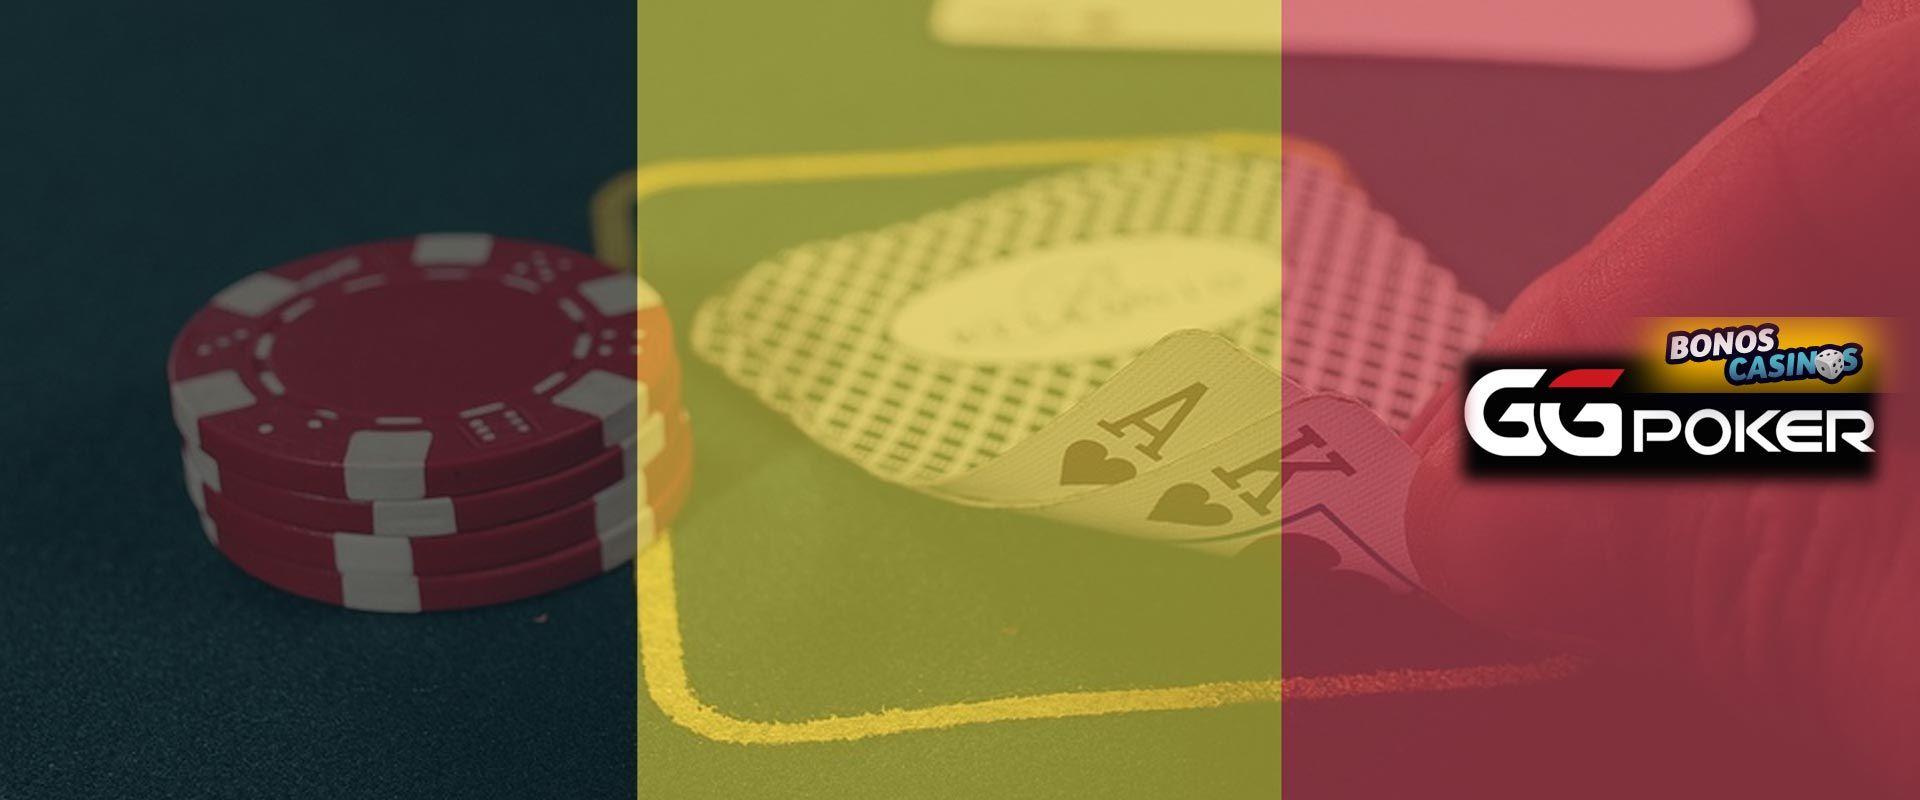 logo de GGPoker está listo para presentar su nueva marca operadora de Póker